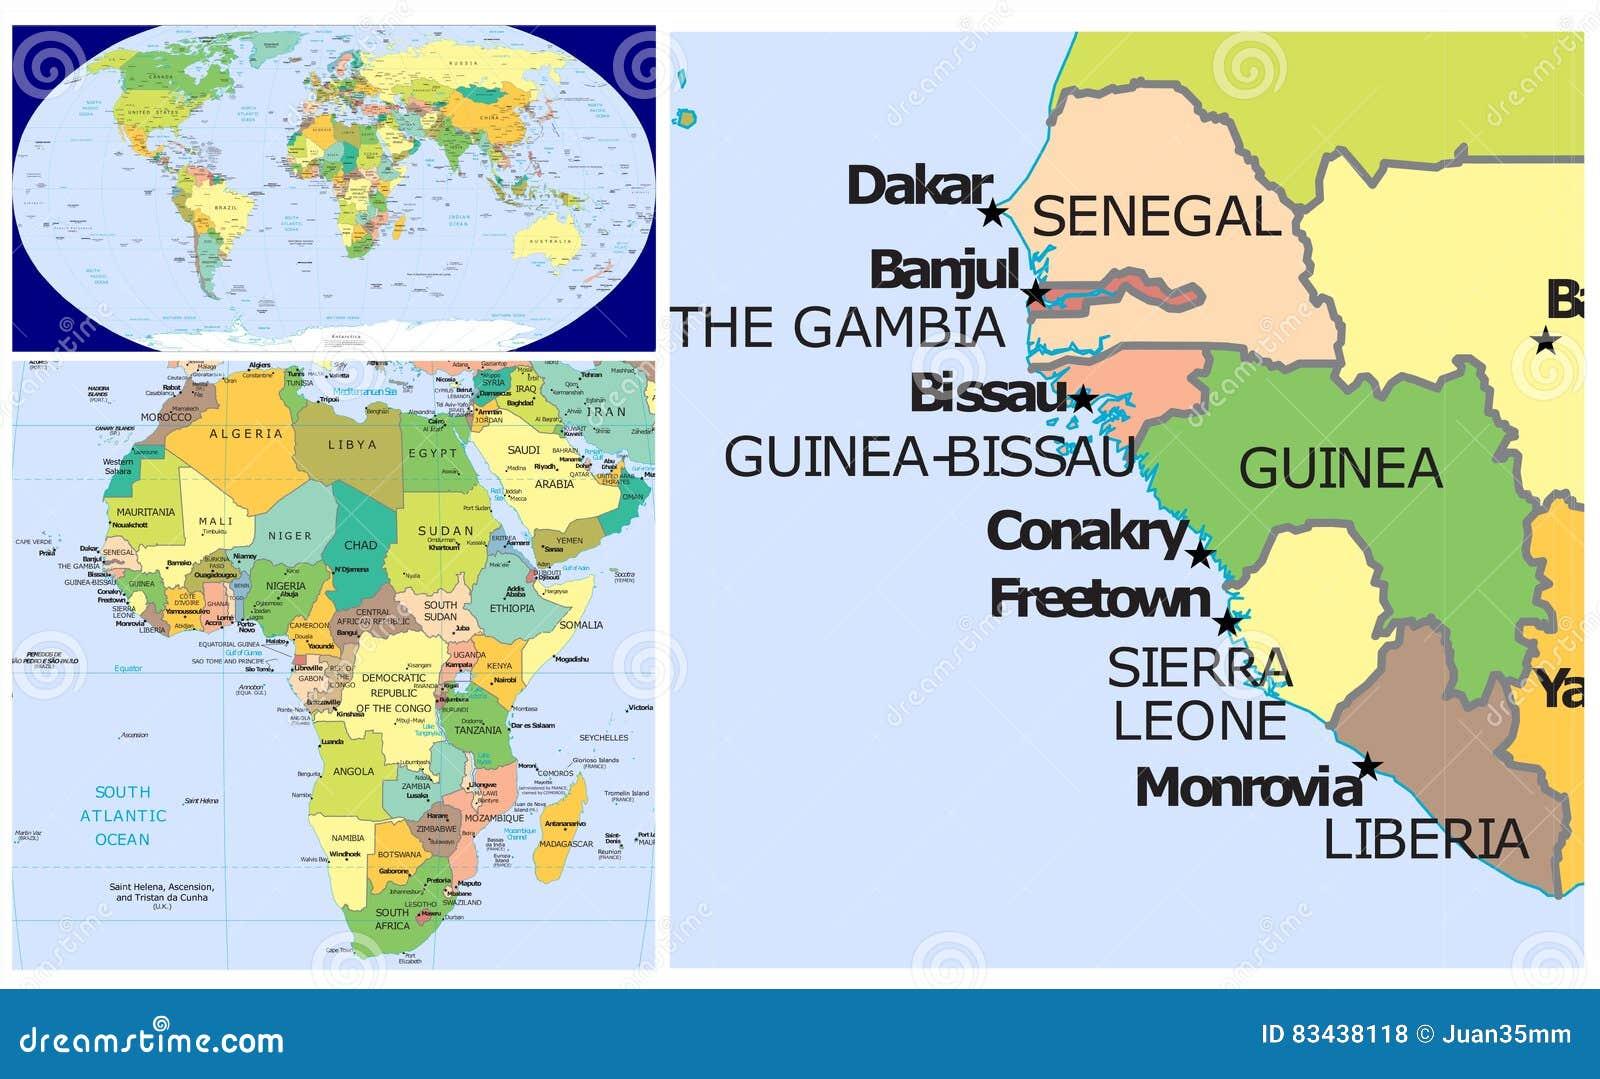 Senegal guinea liberia world stock illustration illustration of senegal guinea liberia world gumiabroncs Choice Image